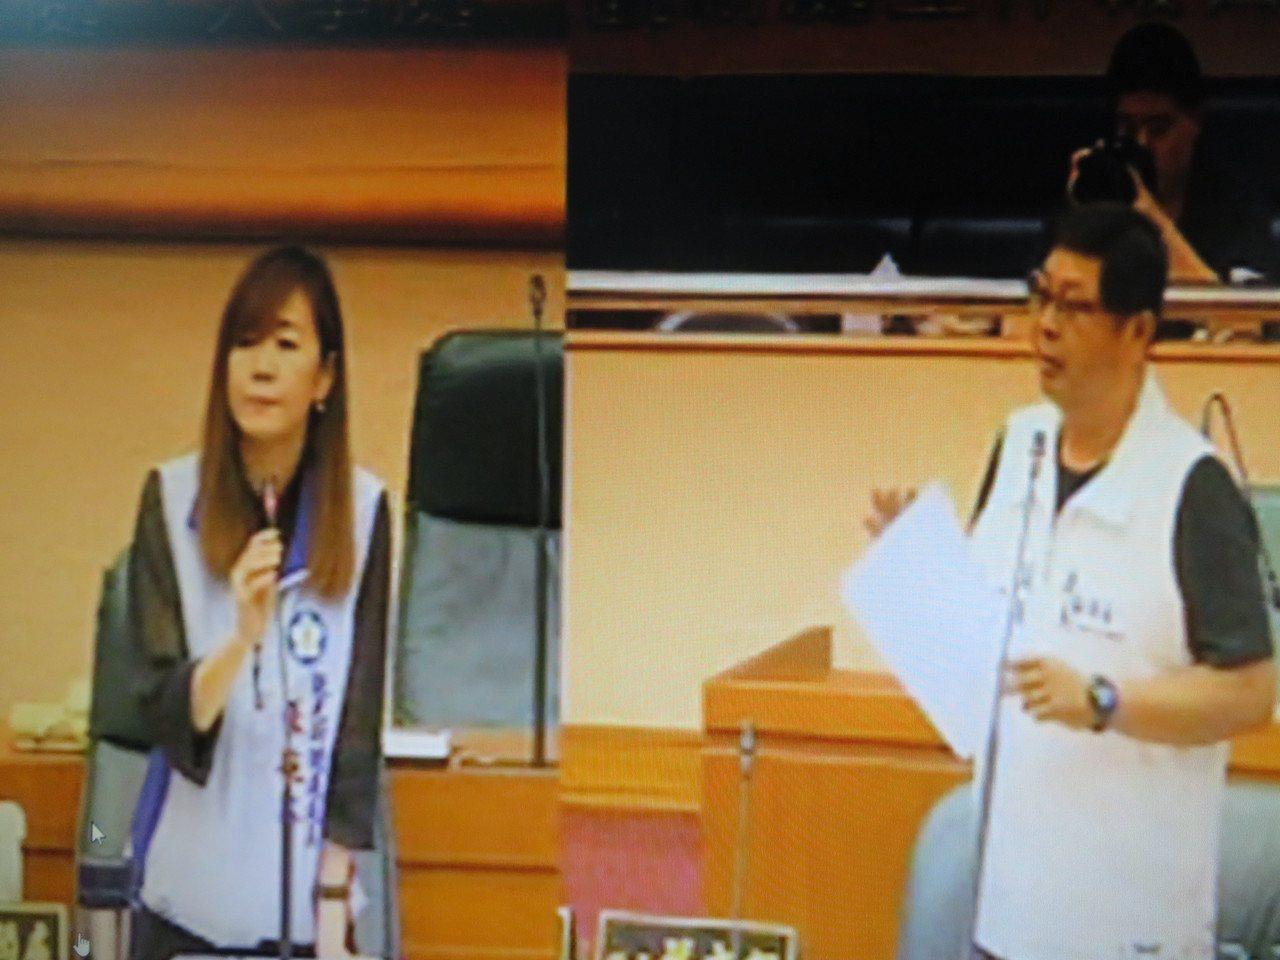 嘉義市議員蔡文旭(右)質詢市府觀光新聞處長張婉芬(左)。記者魯永明/翻攝